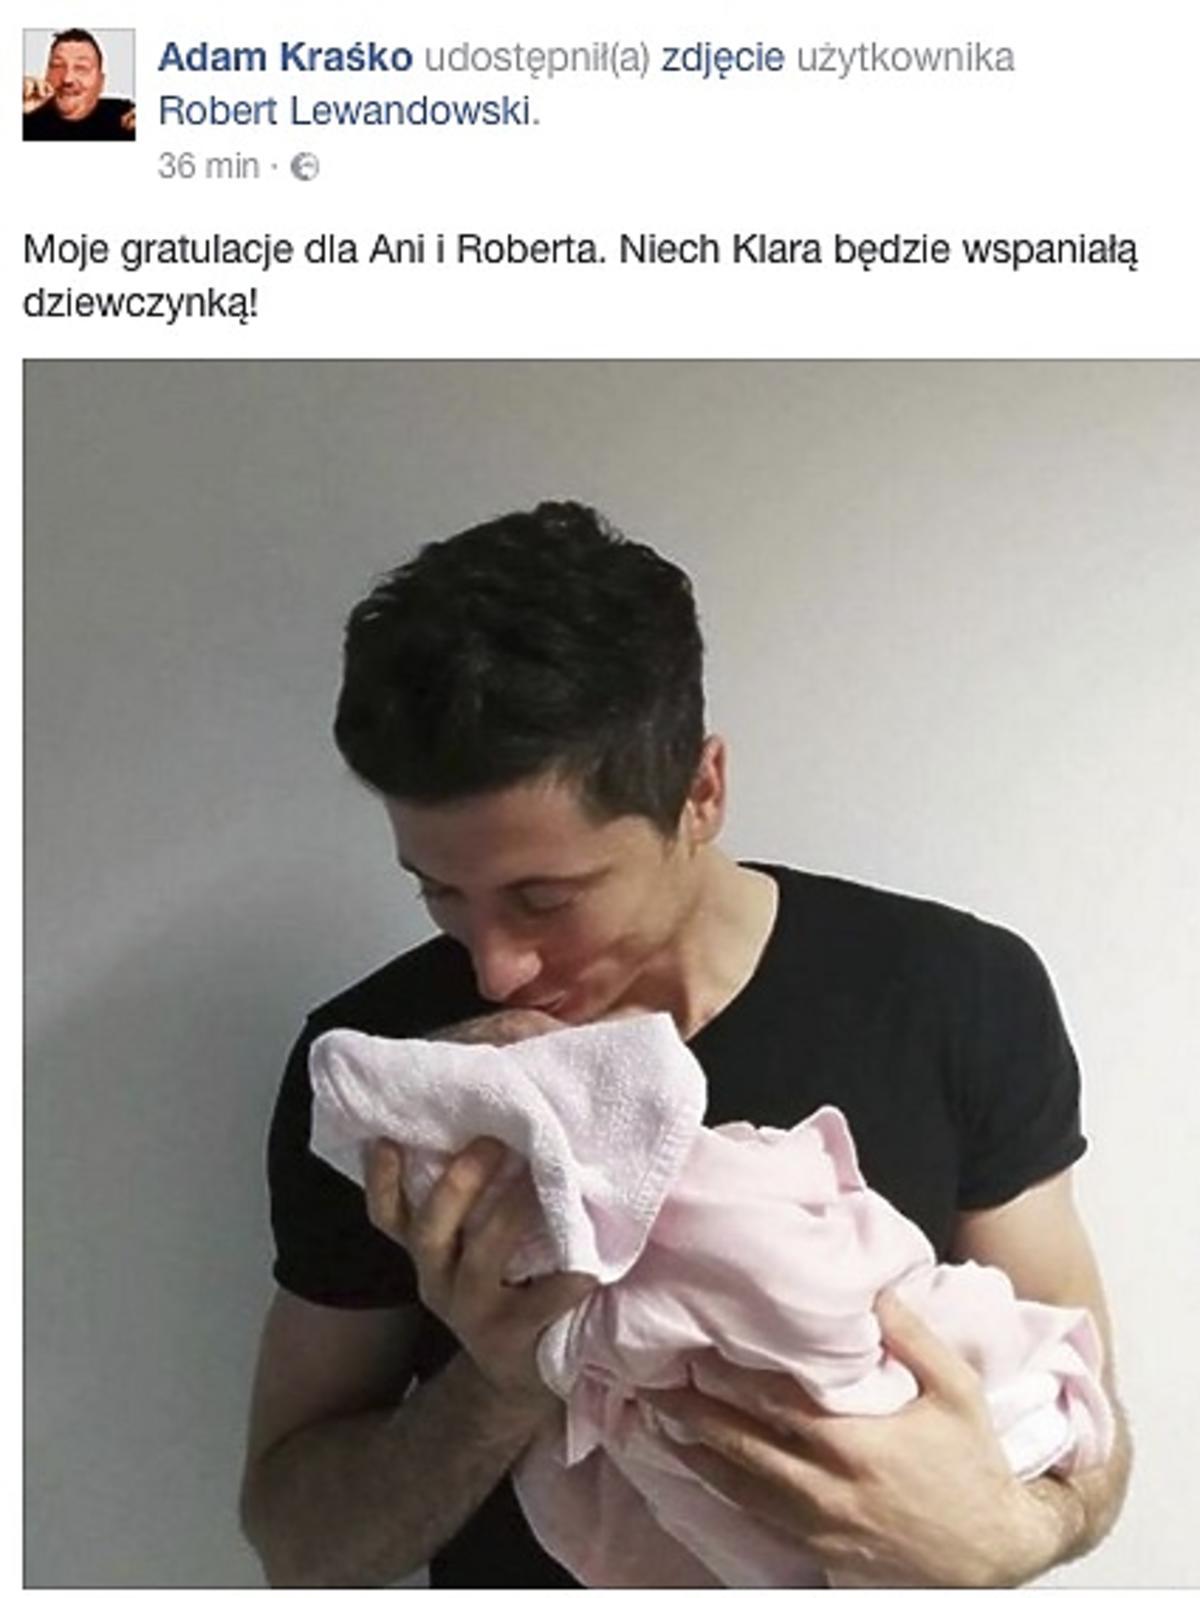 Adam Krasko gratuluje córki Lewandowskim